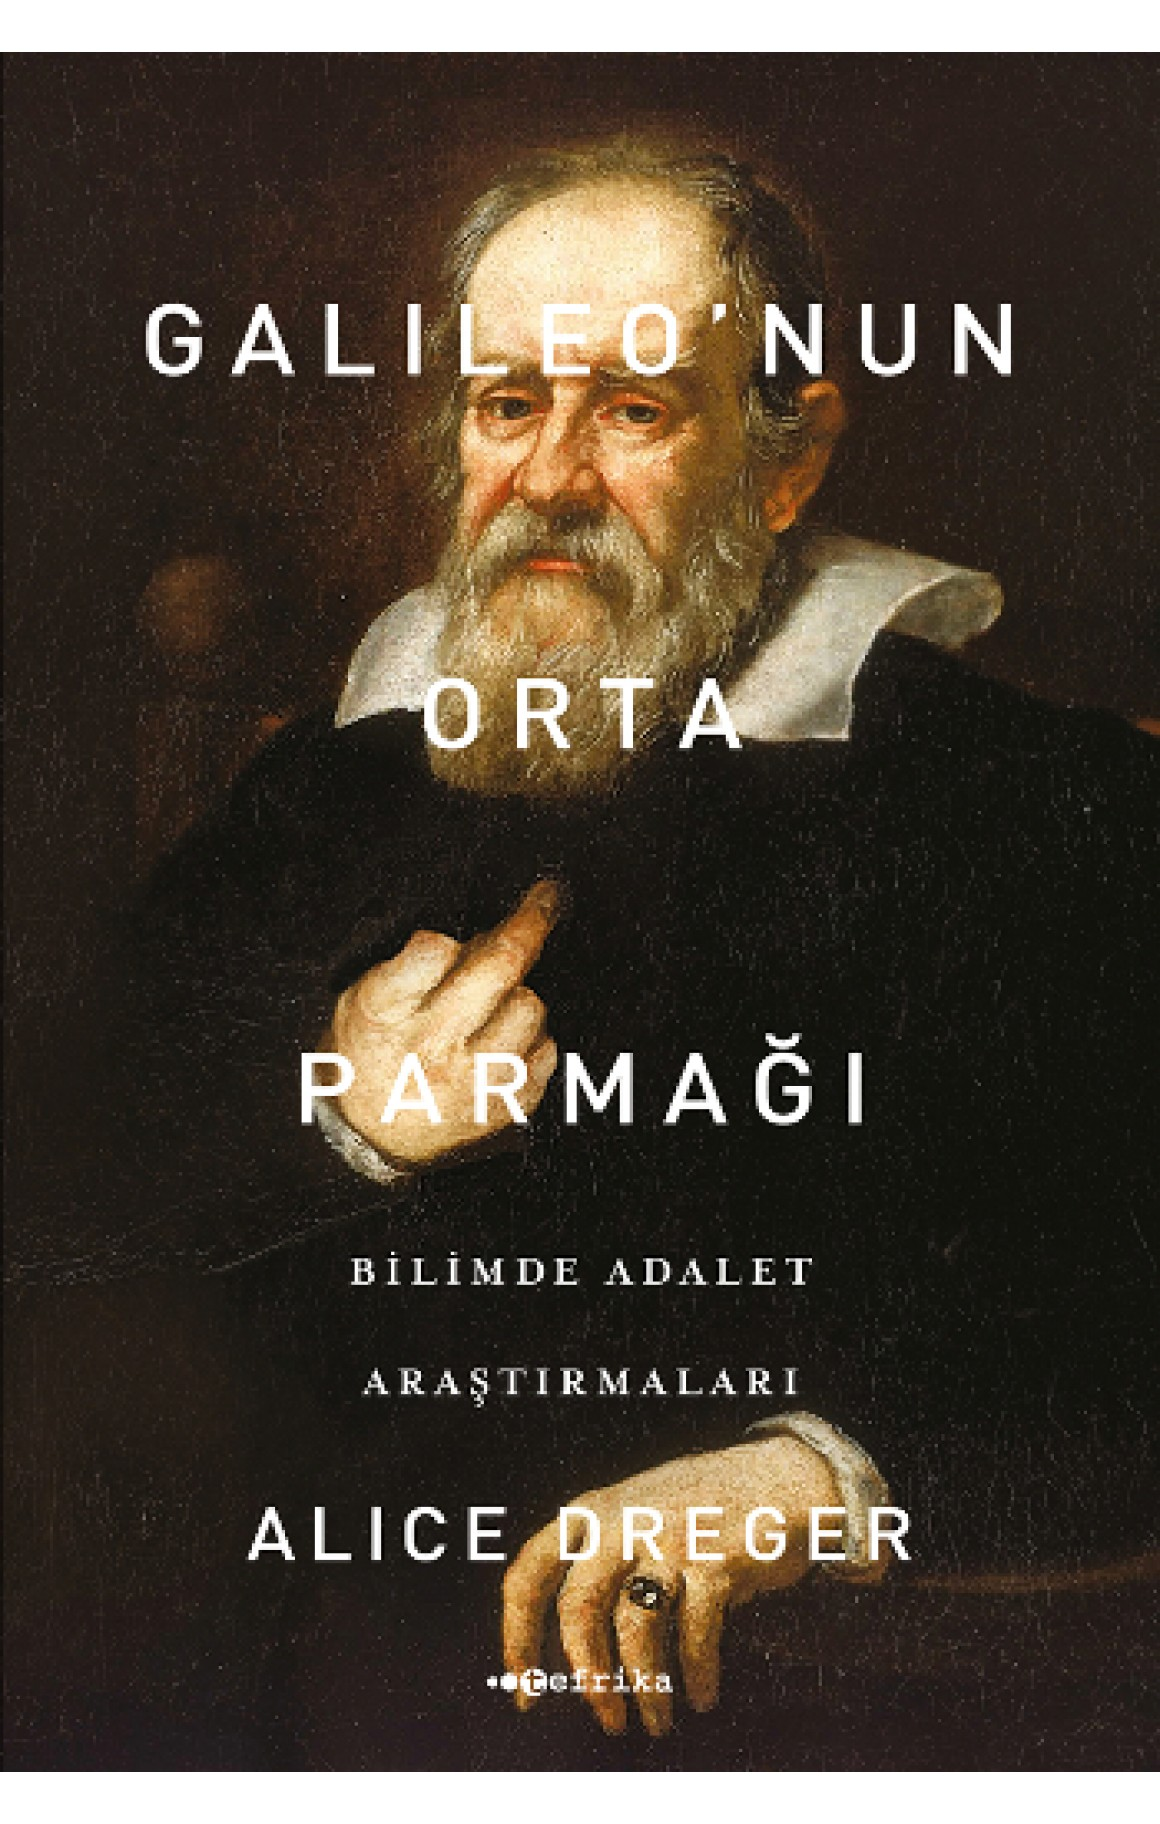 Galileonun Orta Parmağı